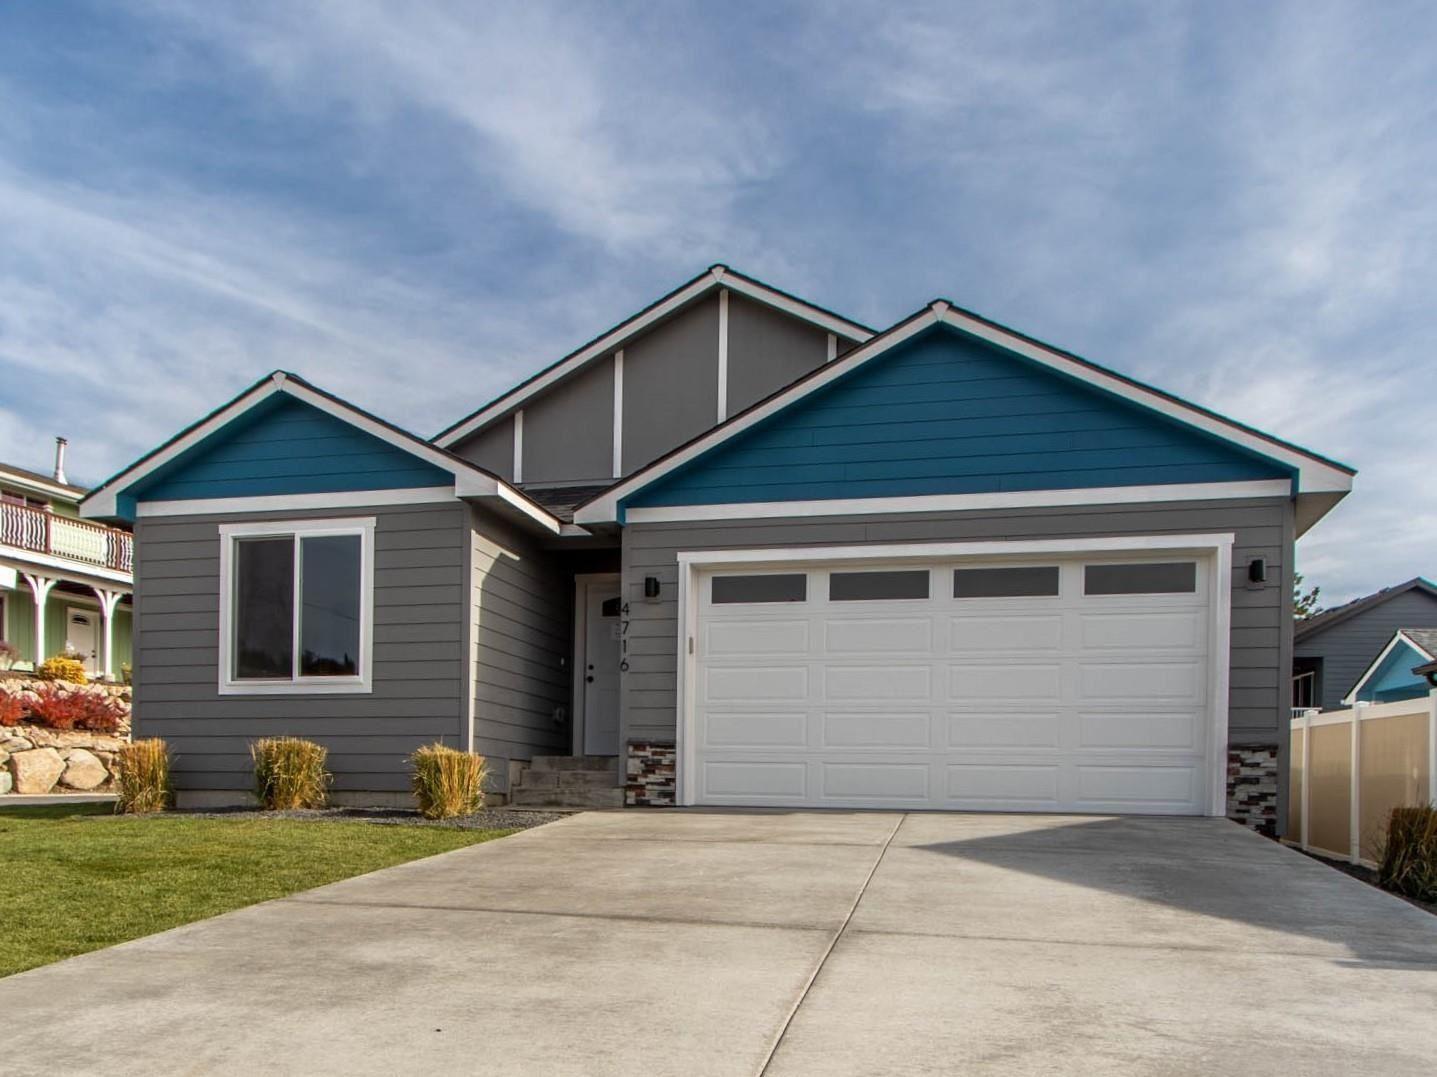 4716 N Woodlawn Ln, Spokane Valley, WA 99216 - #: 202122690